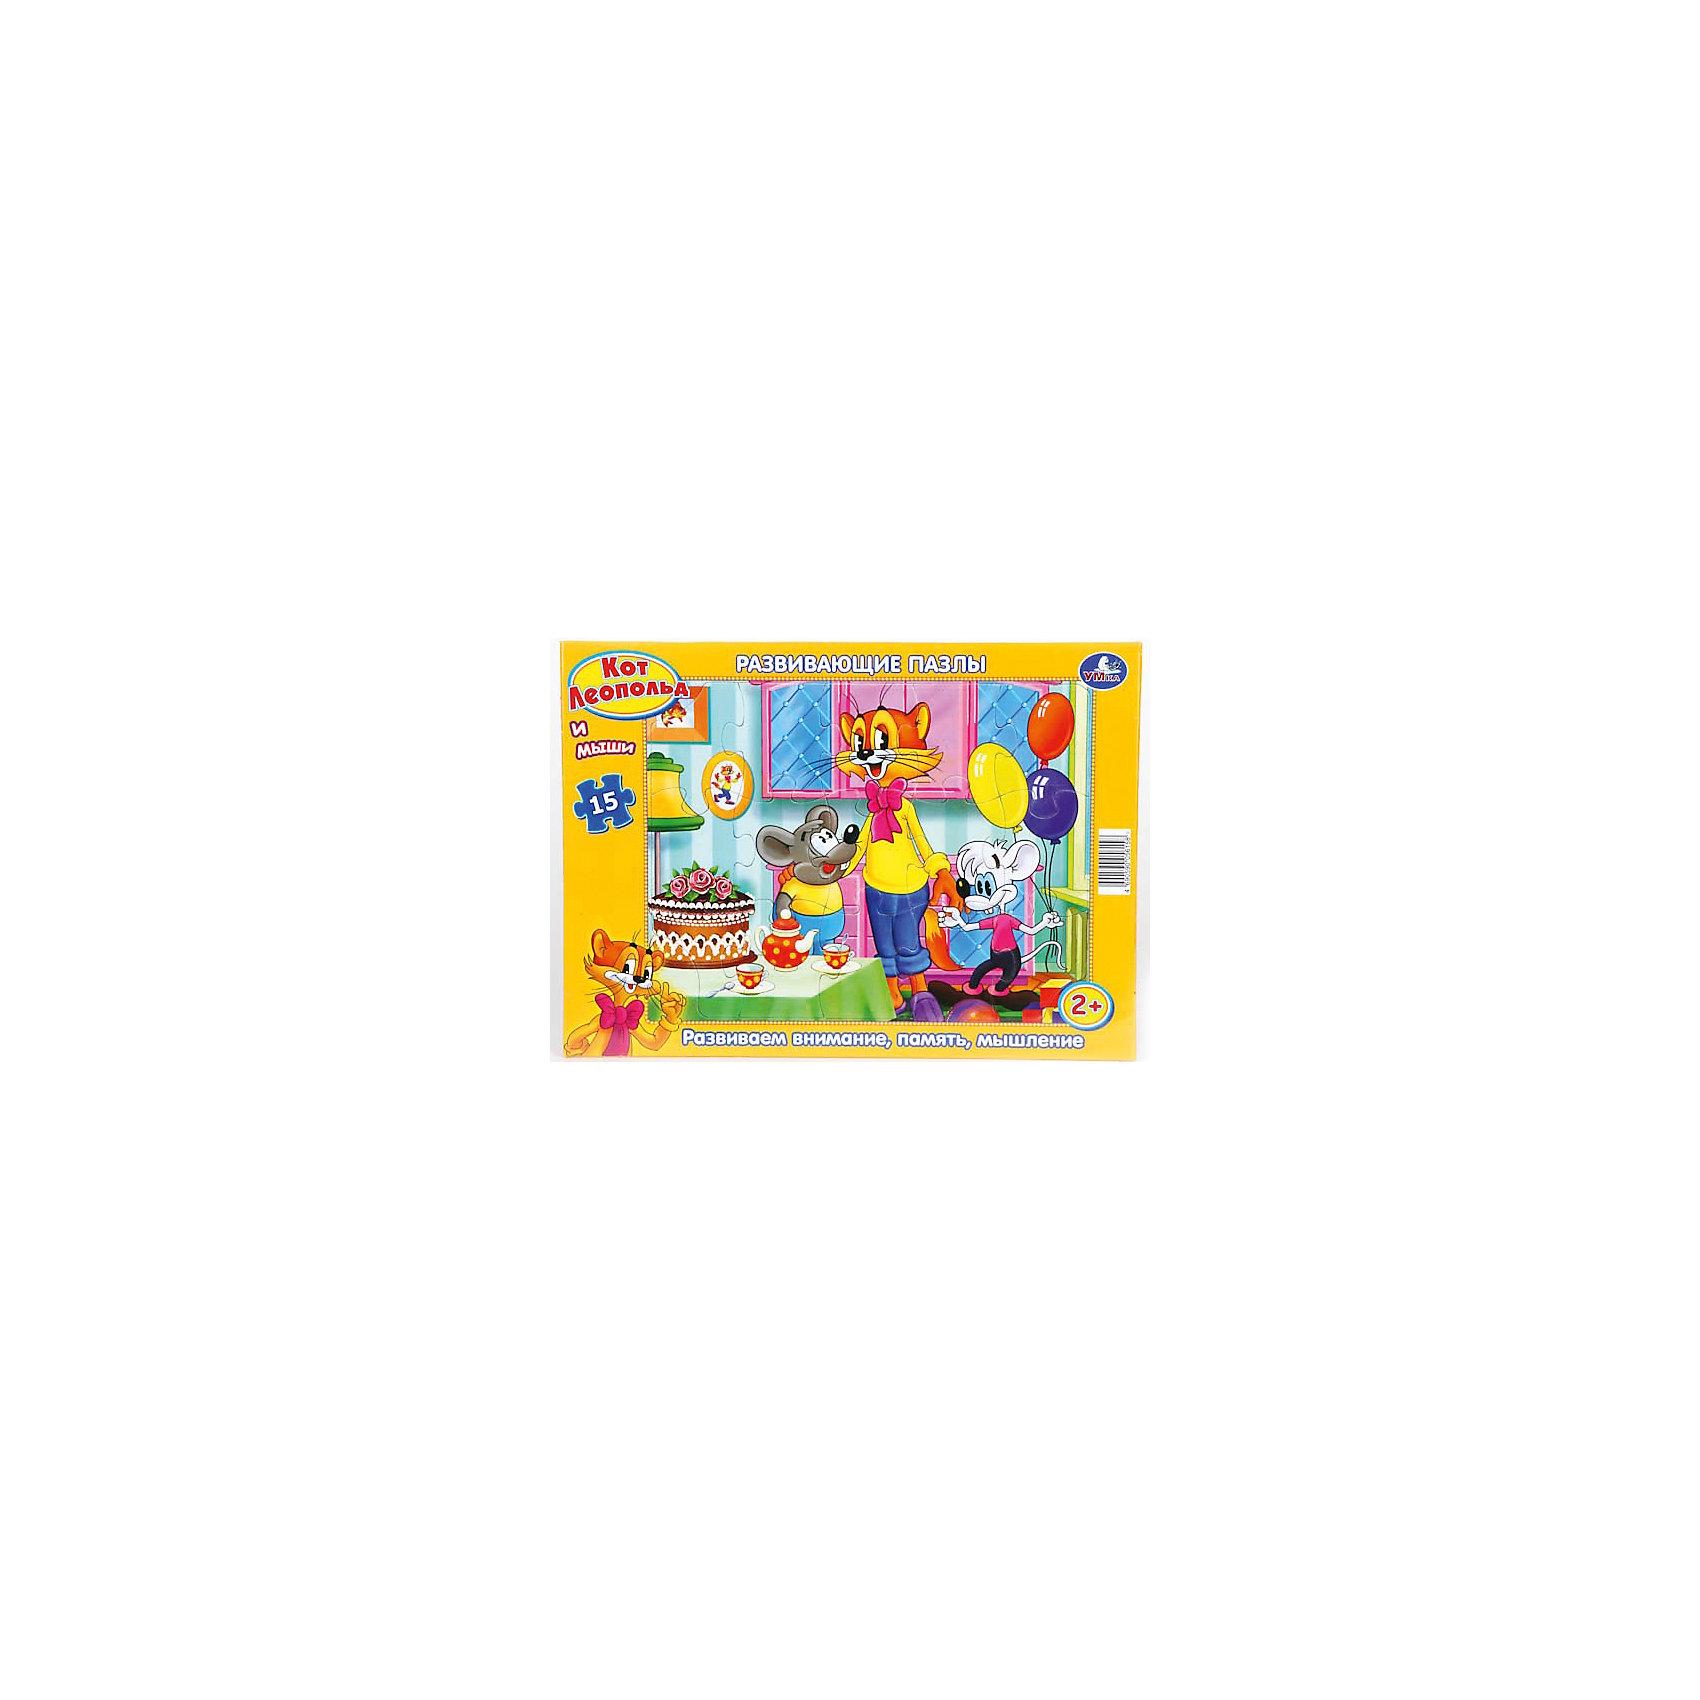 Умка Развивающие пазлы Кот леопольд и малыши, 15 дет., в рамке, Умка пазлы бомик пазлы книжка репка